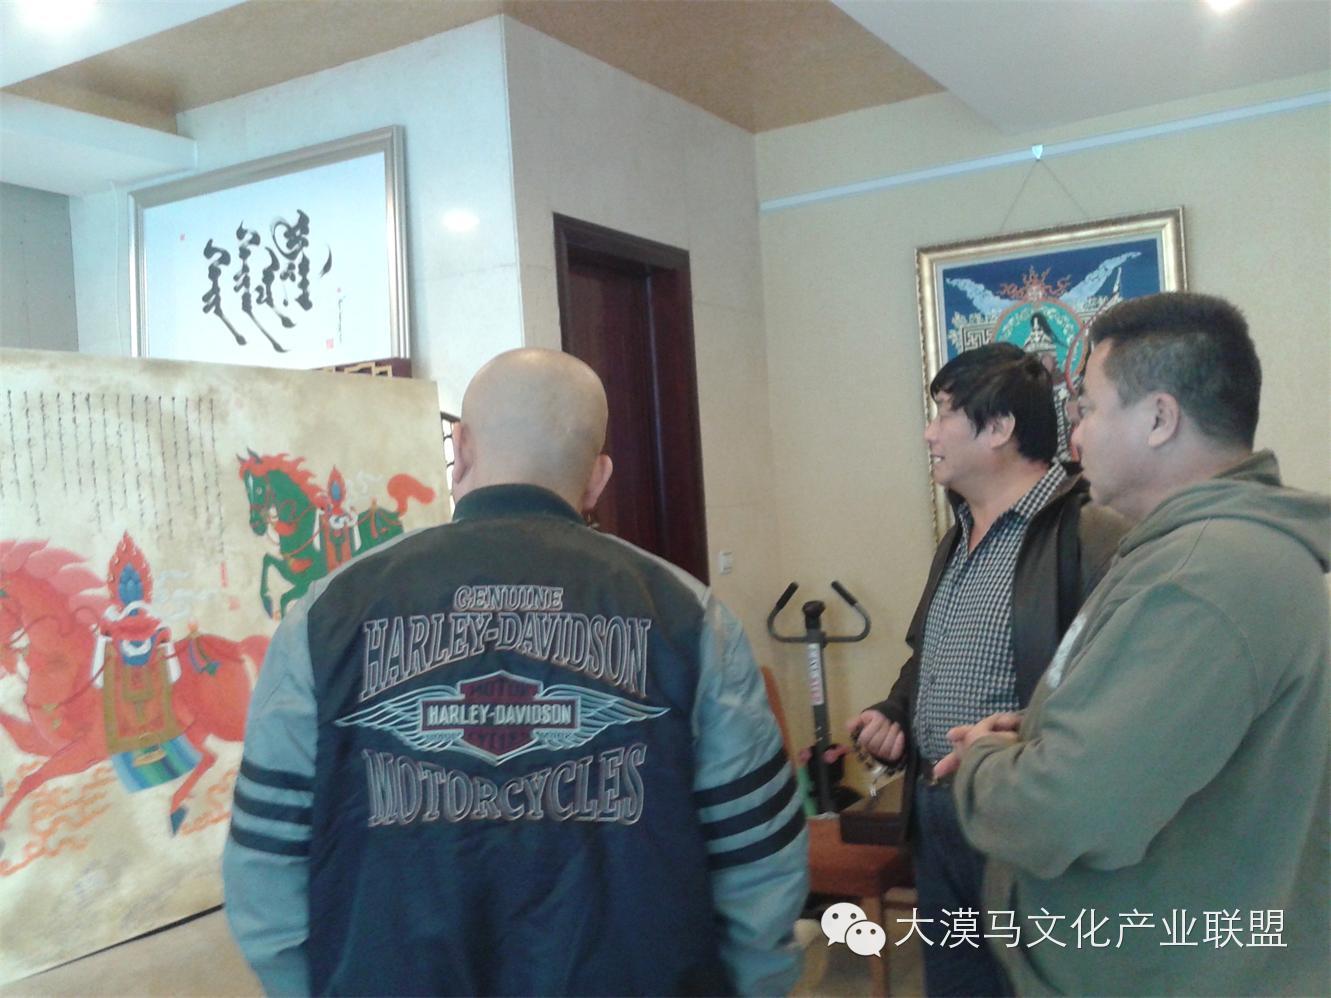 大召当代艺术中心蒙古国画家【拉·苏和巴特尔】 第3张 大召当代艺术中心蒙古国画家【拉·苏和巴特尔】 蒙古画廊